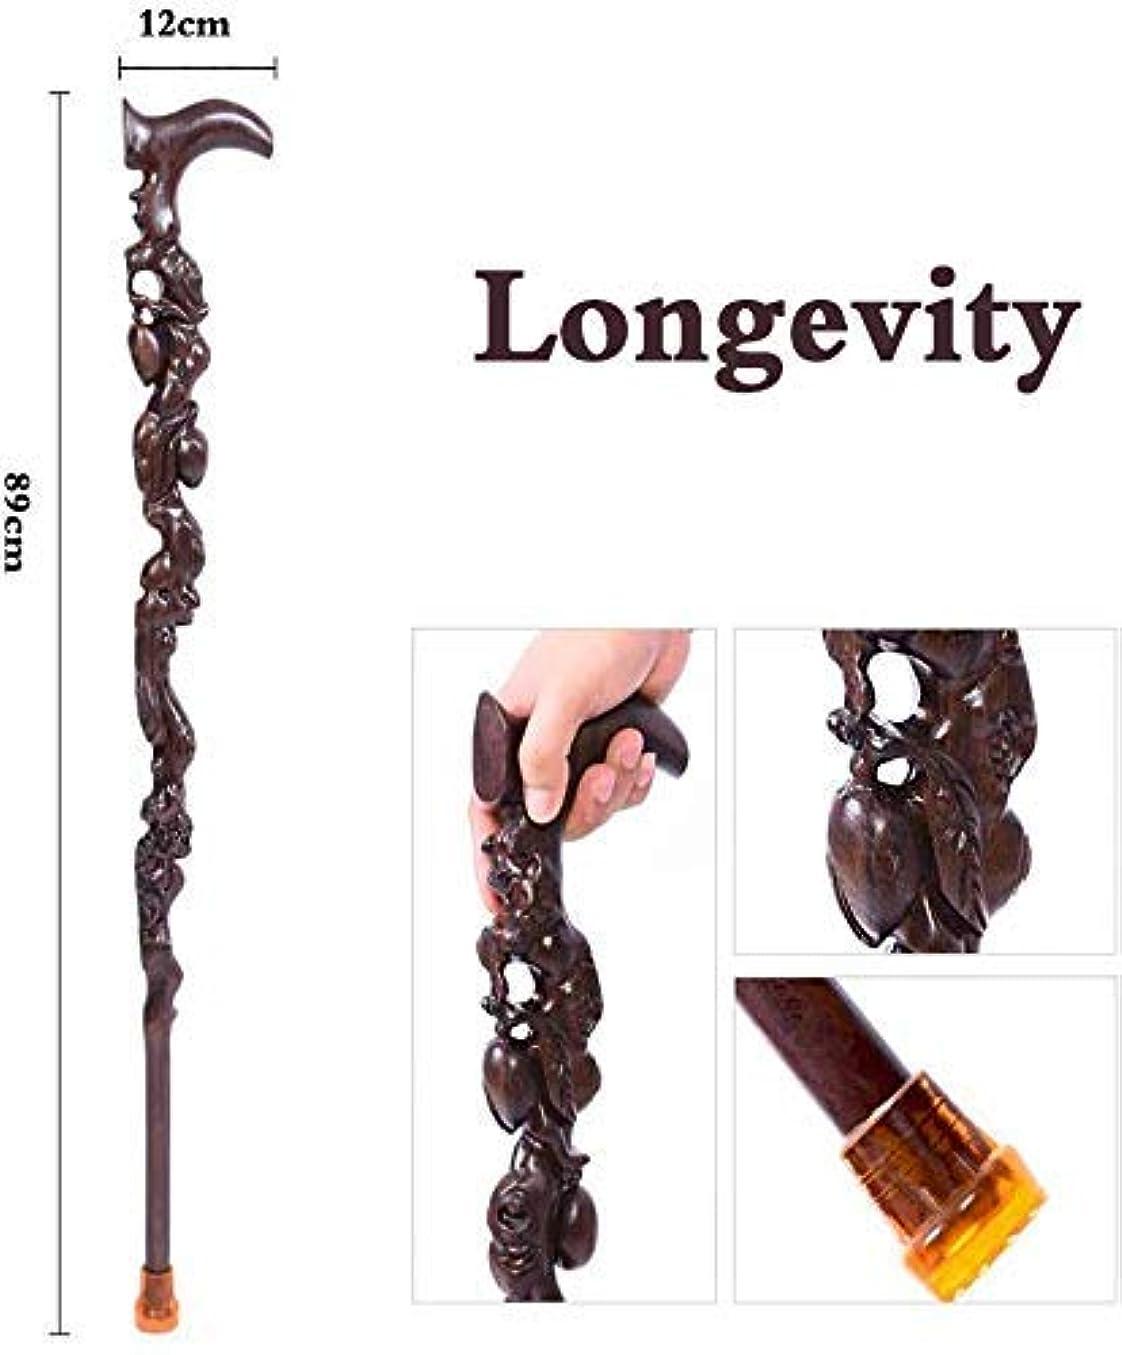 債務巡礼者黒板SYF-SYF 調節可能な松葉杖、支援的湾曲したハンドルギフト絶妙な彫刻とウッド松葉杖、ギフト男性と女性、Aのため、エボニーウッドファッショナブルな頑丈の安定のため、スティックを歩くと 松葉杖